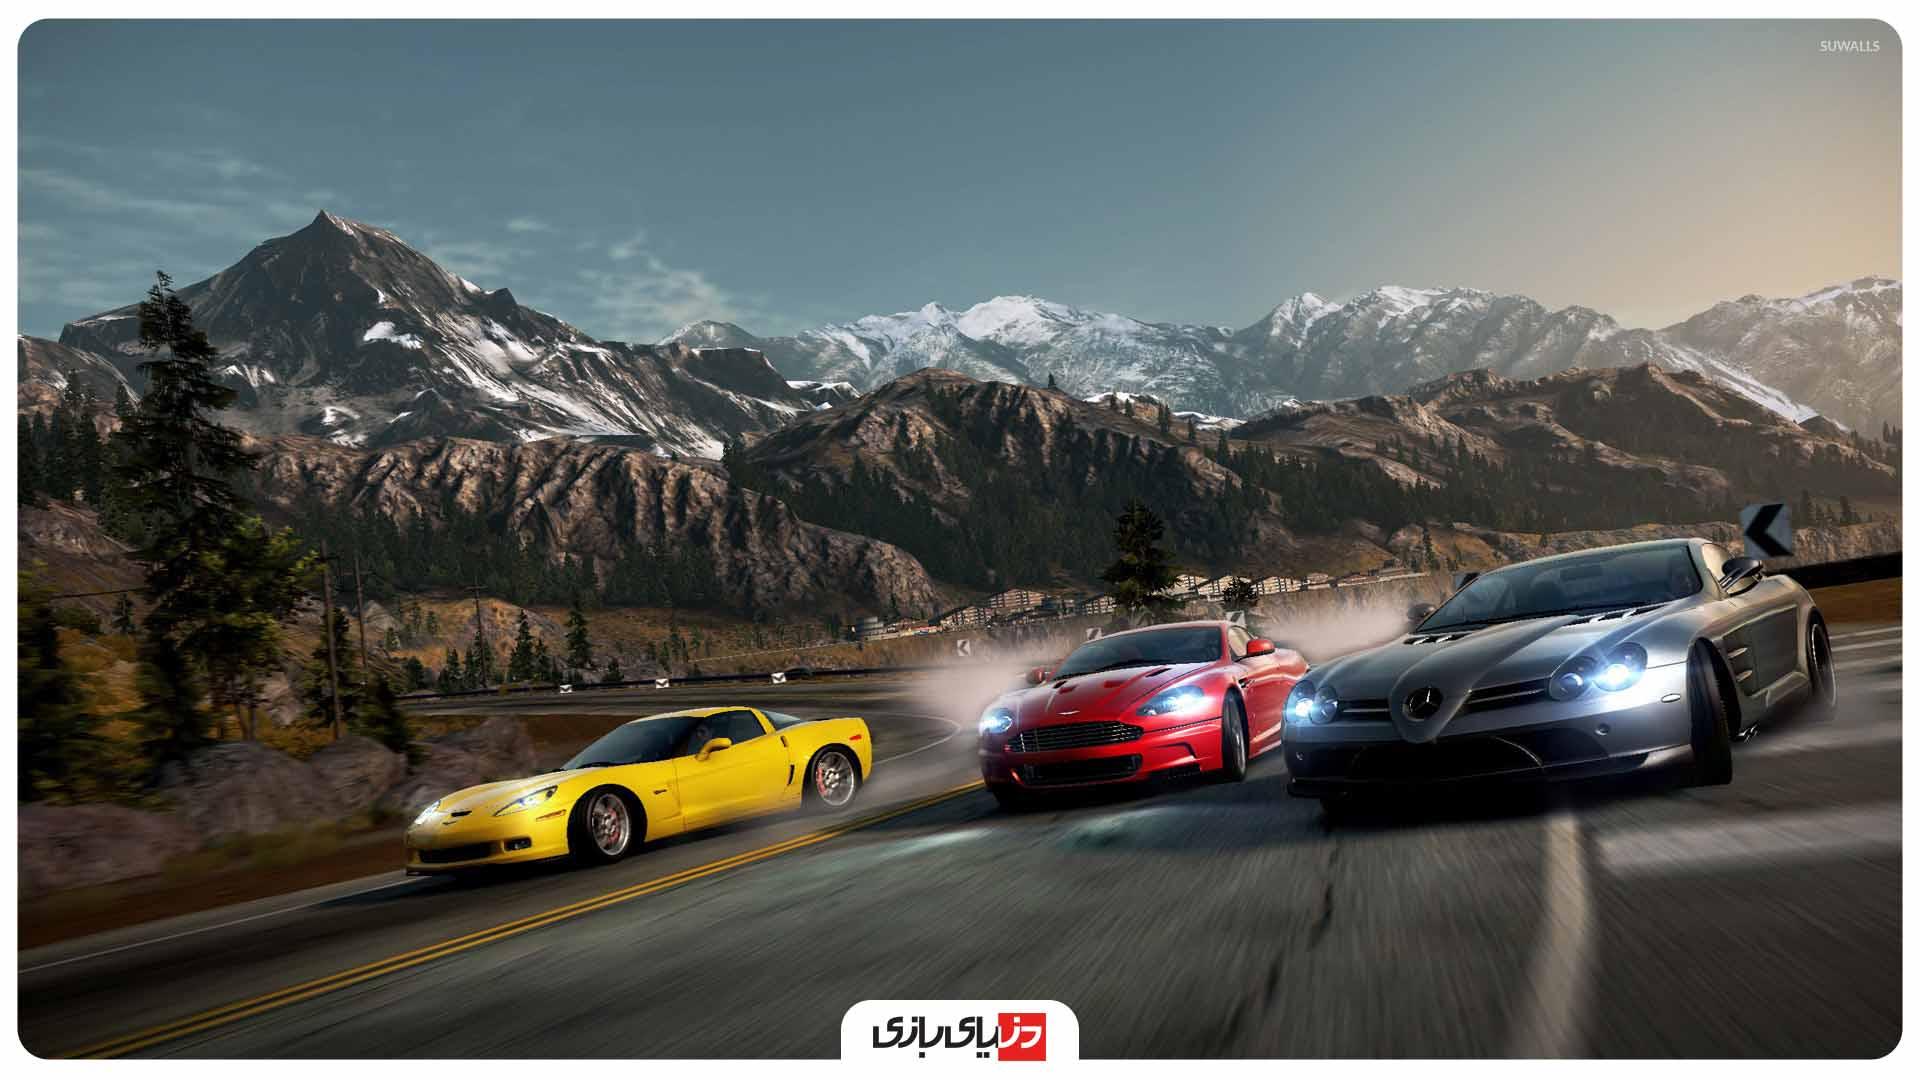 بهترین بازیها از نظر IGN